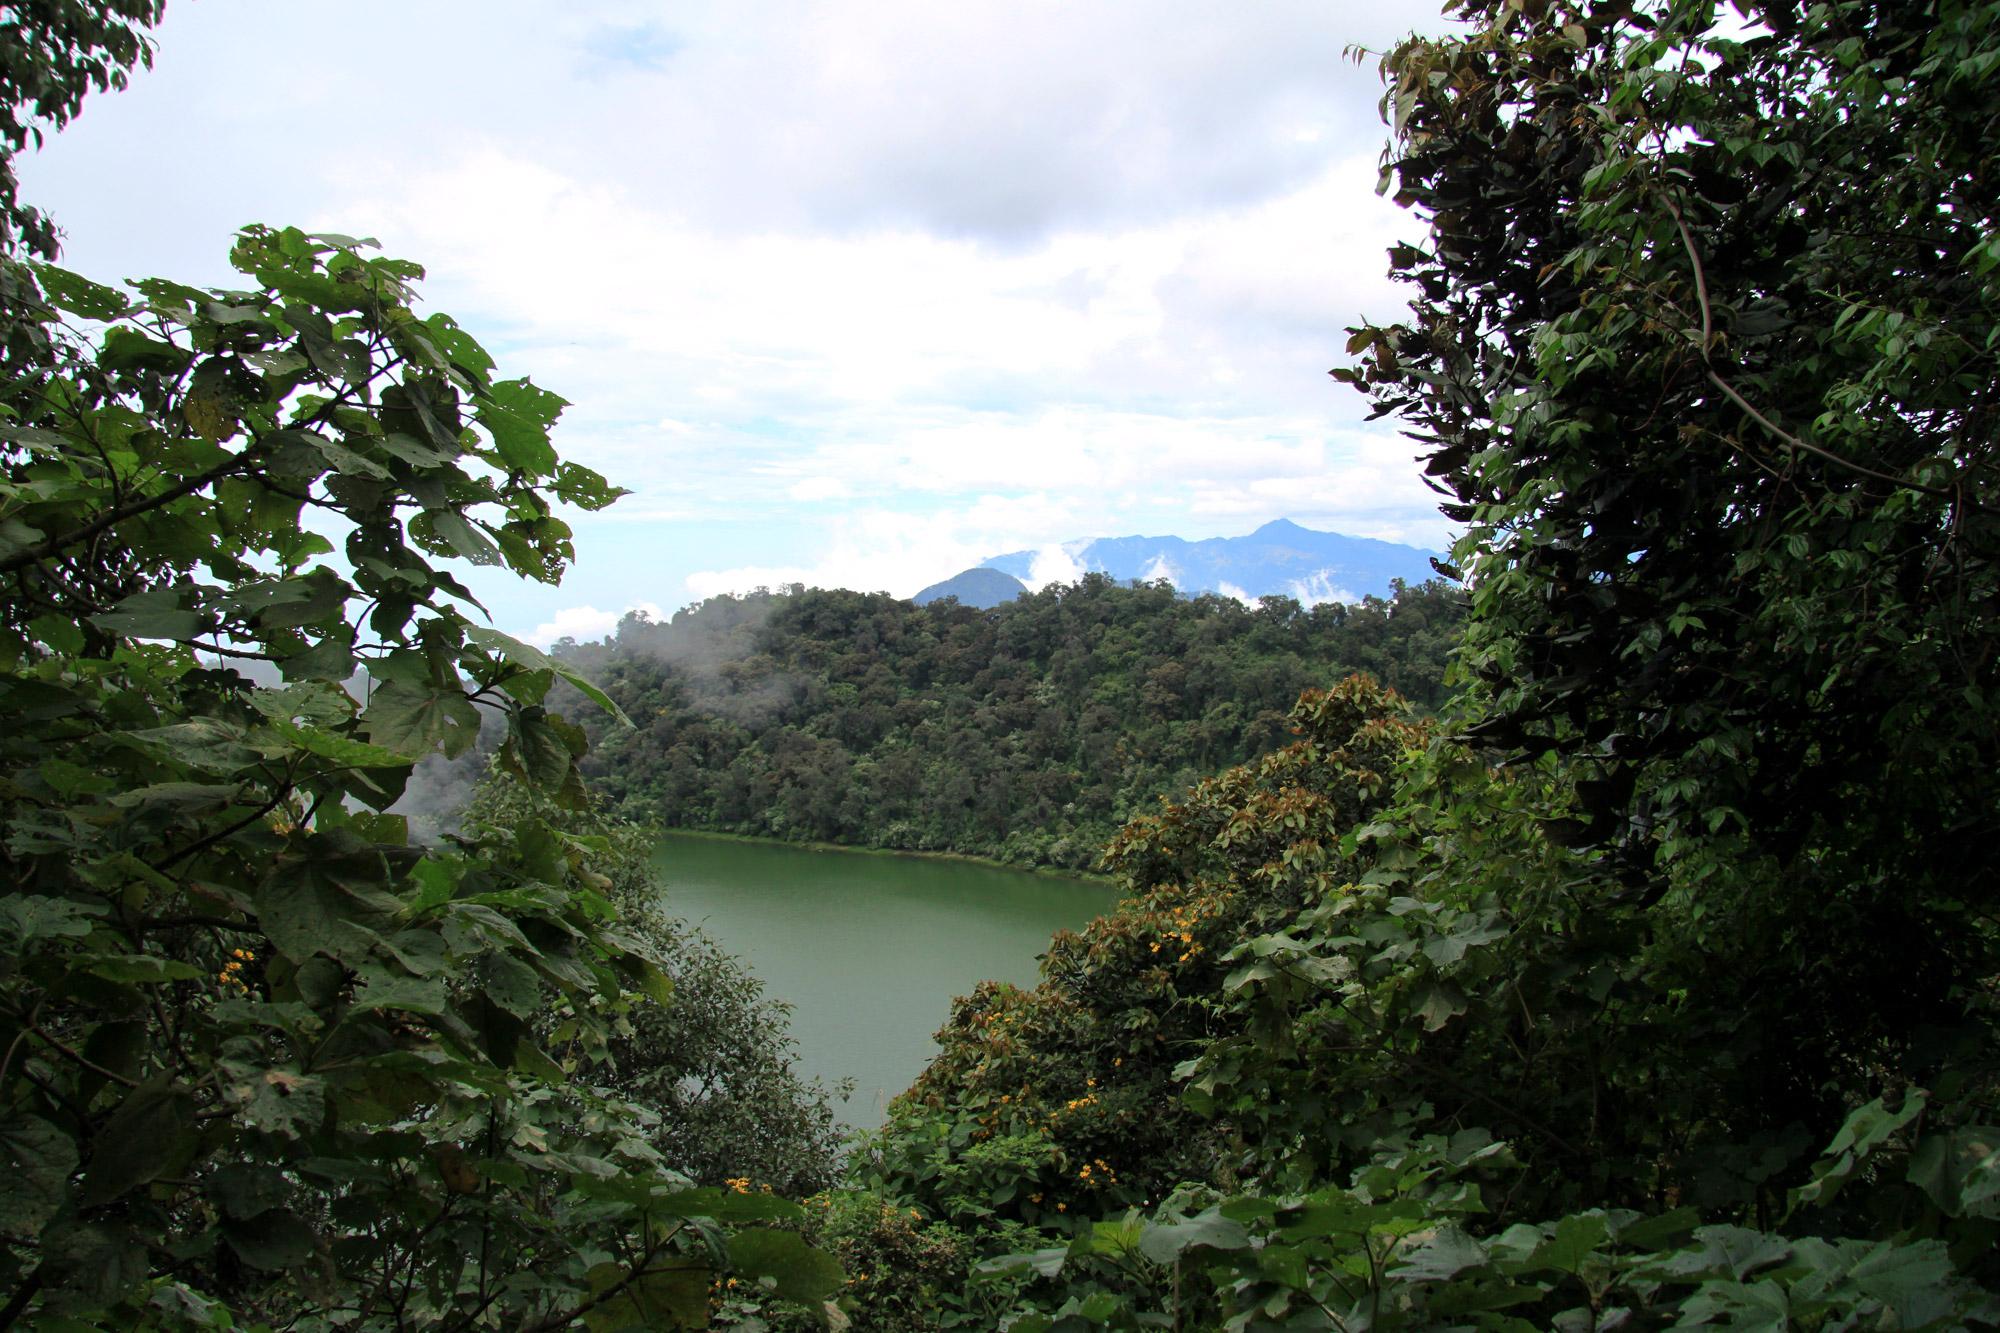 Guatemala 2015 - dag 12 - Een blik op het kratermeer van Volcán Chicabal